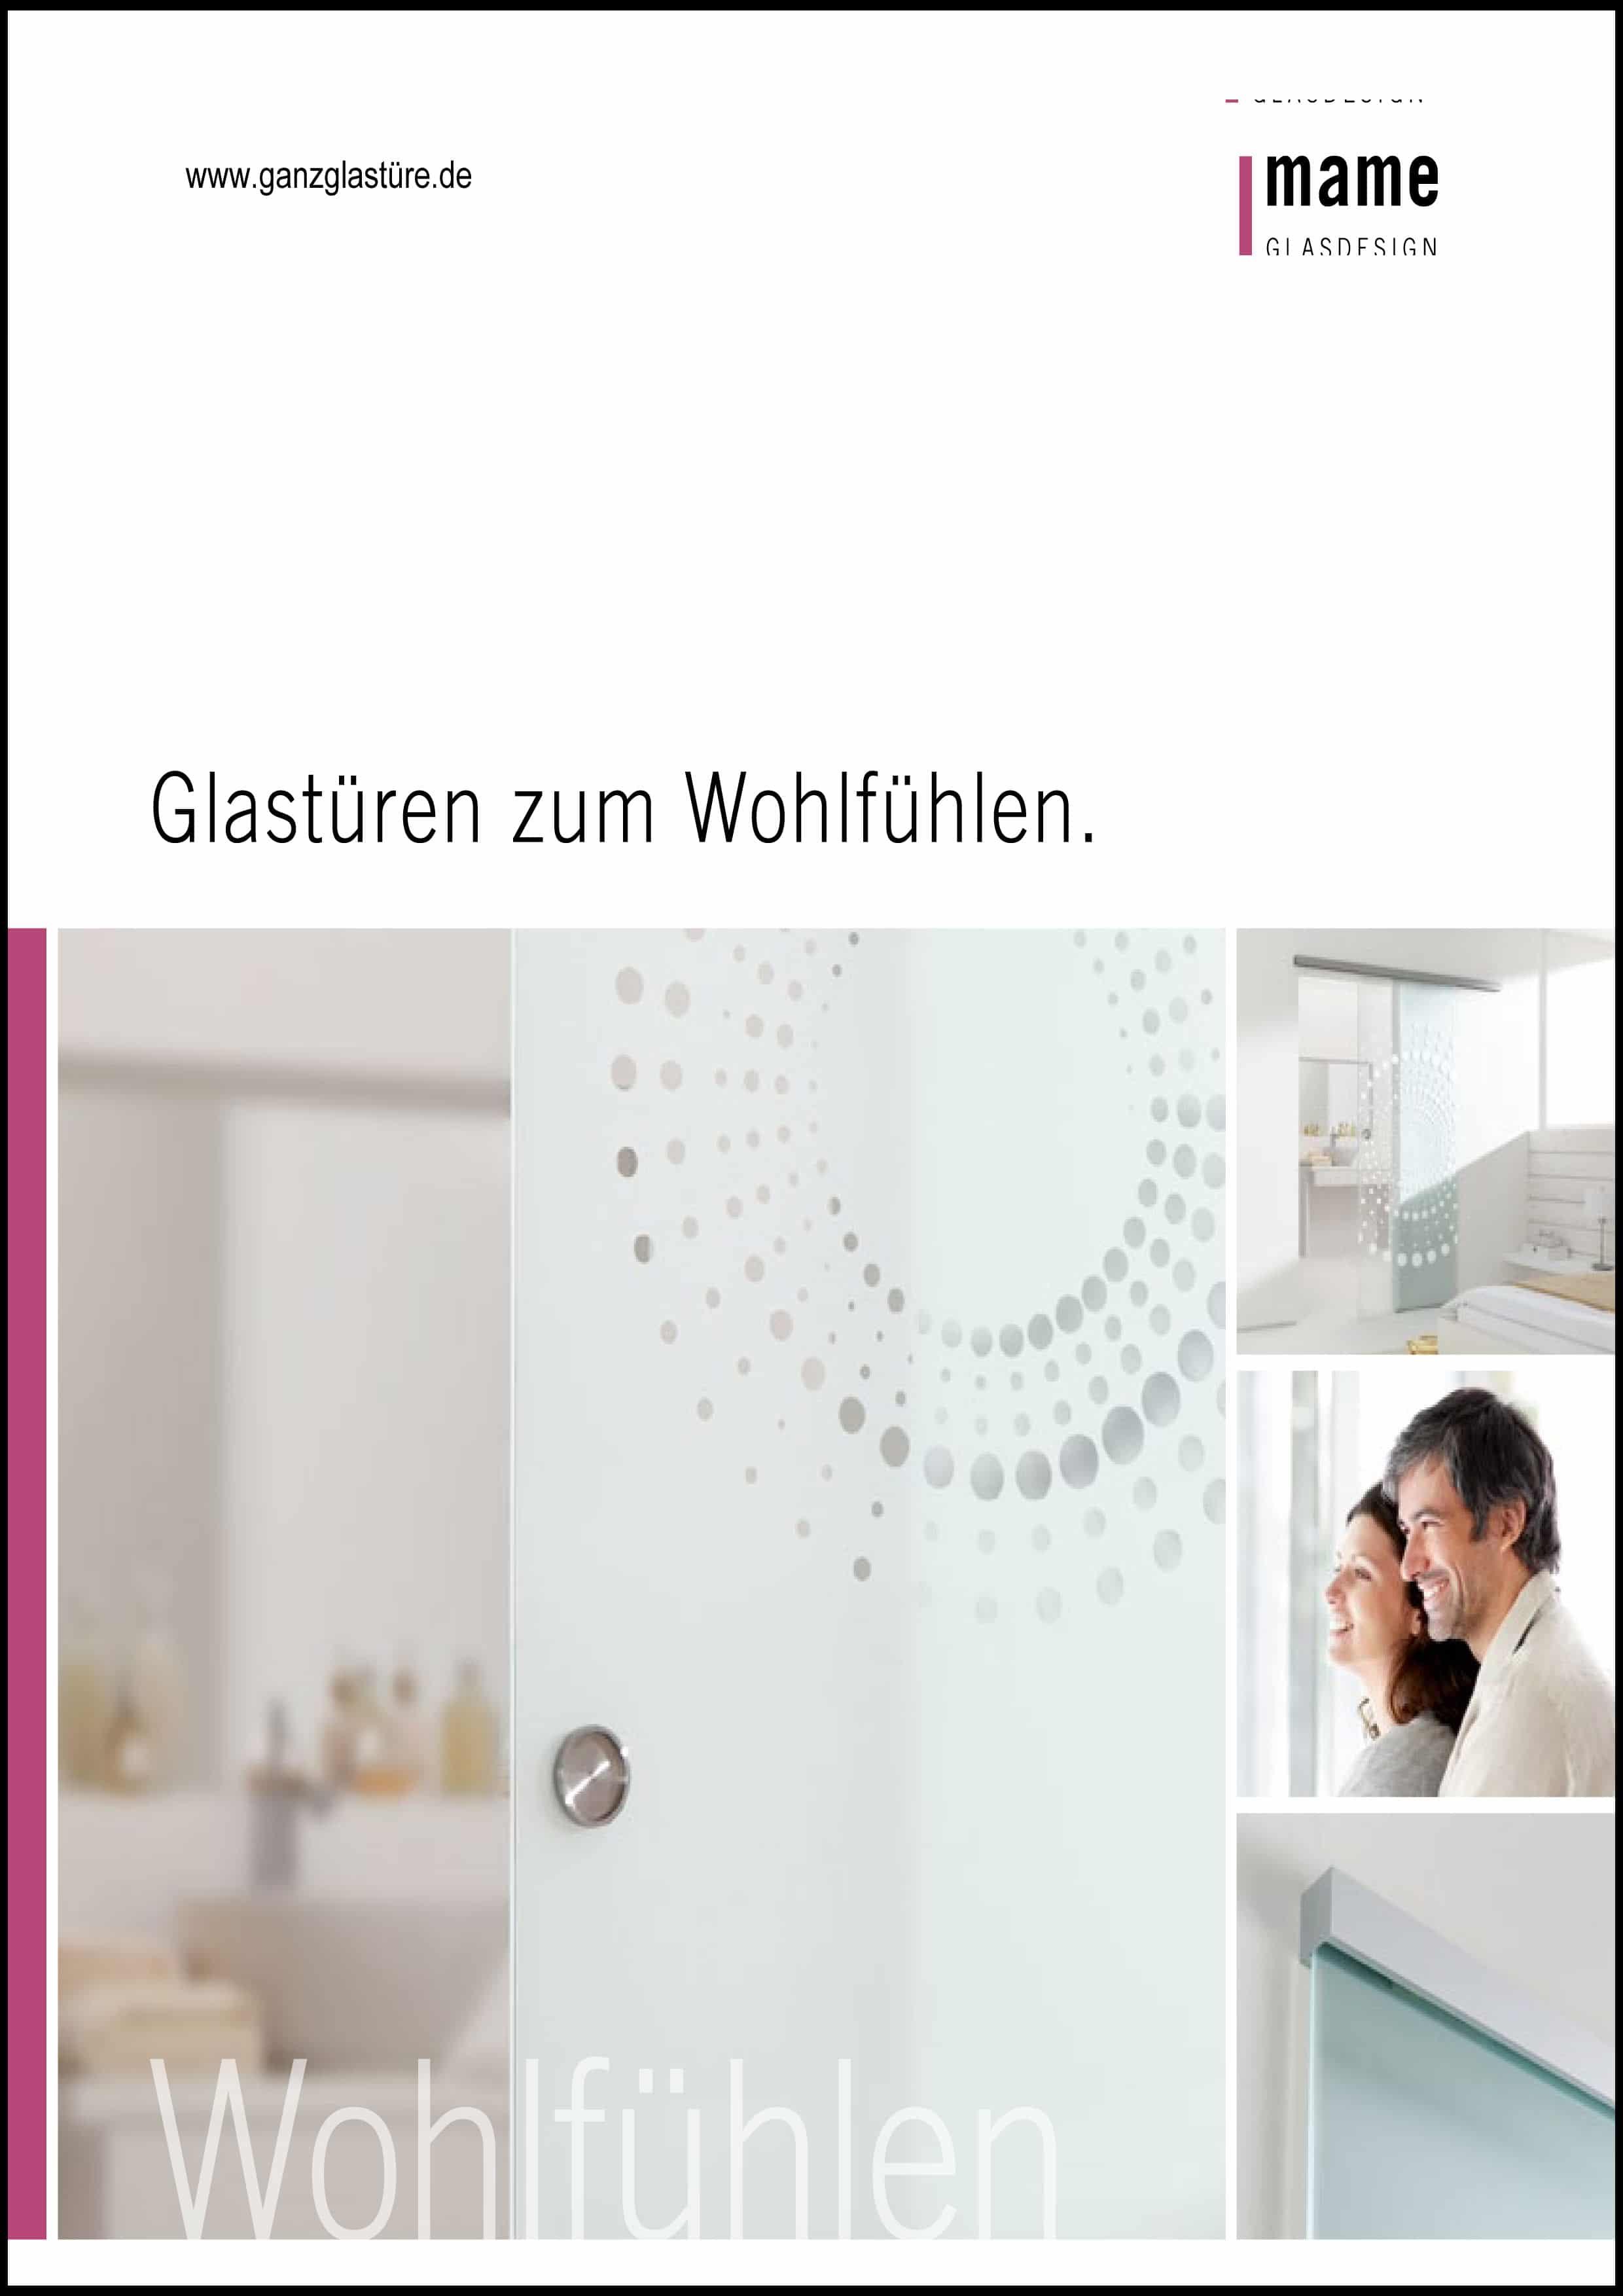 Katalog MAME Glastüren - pmt Glastüren für Rosenheim und München